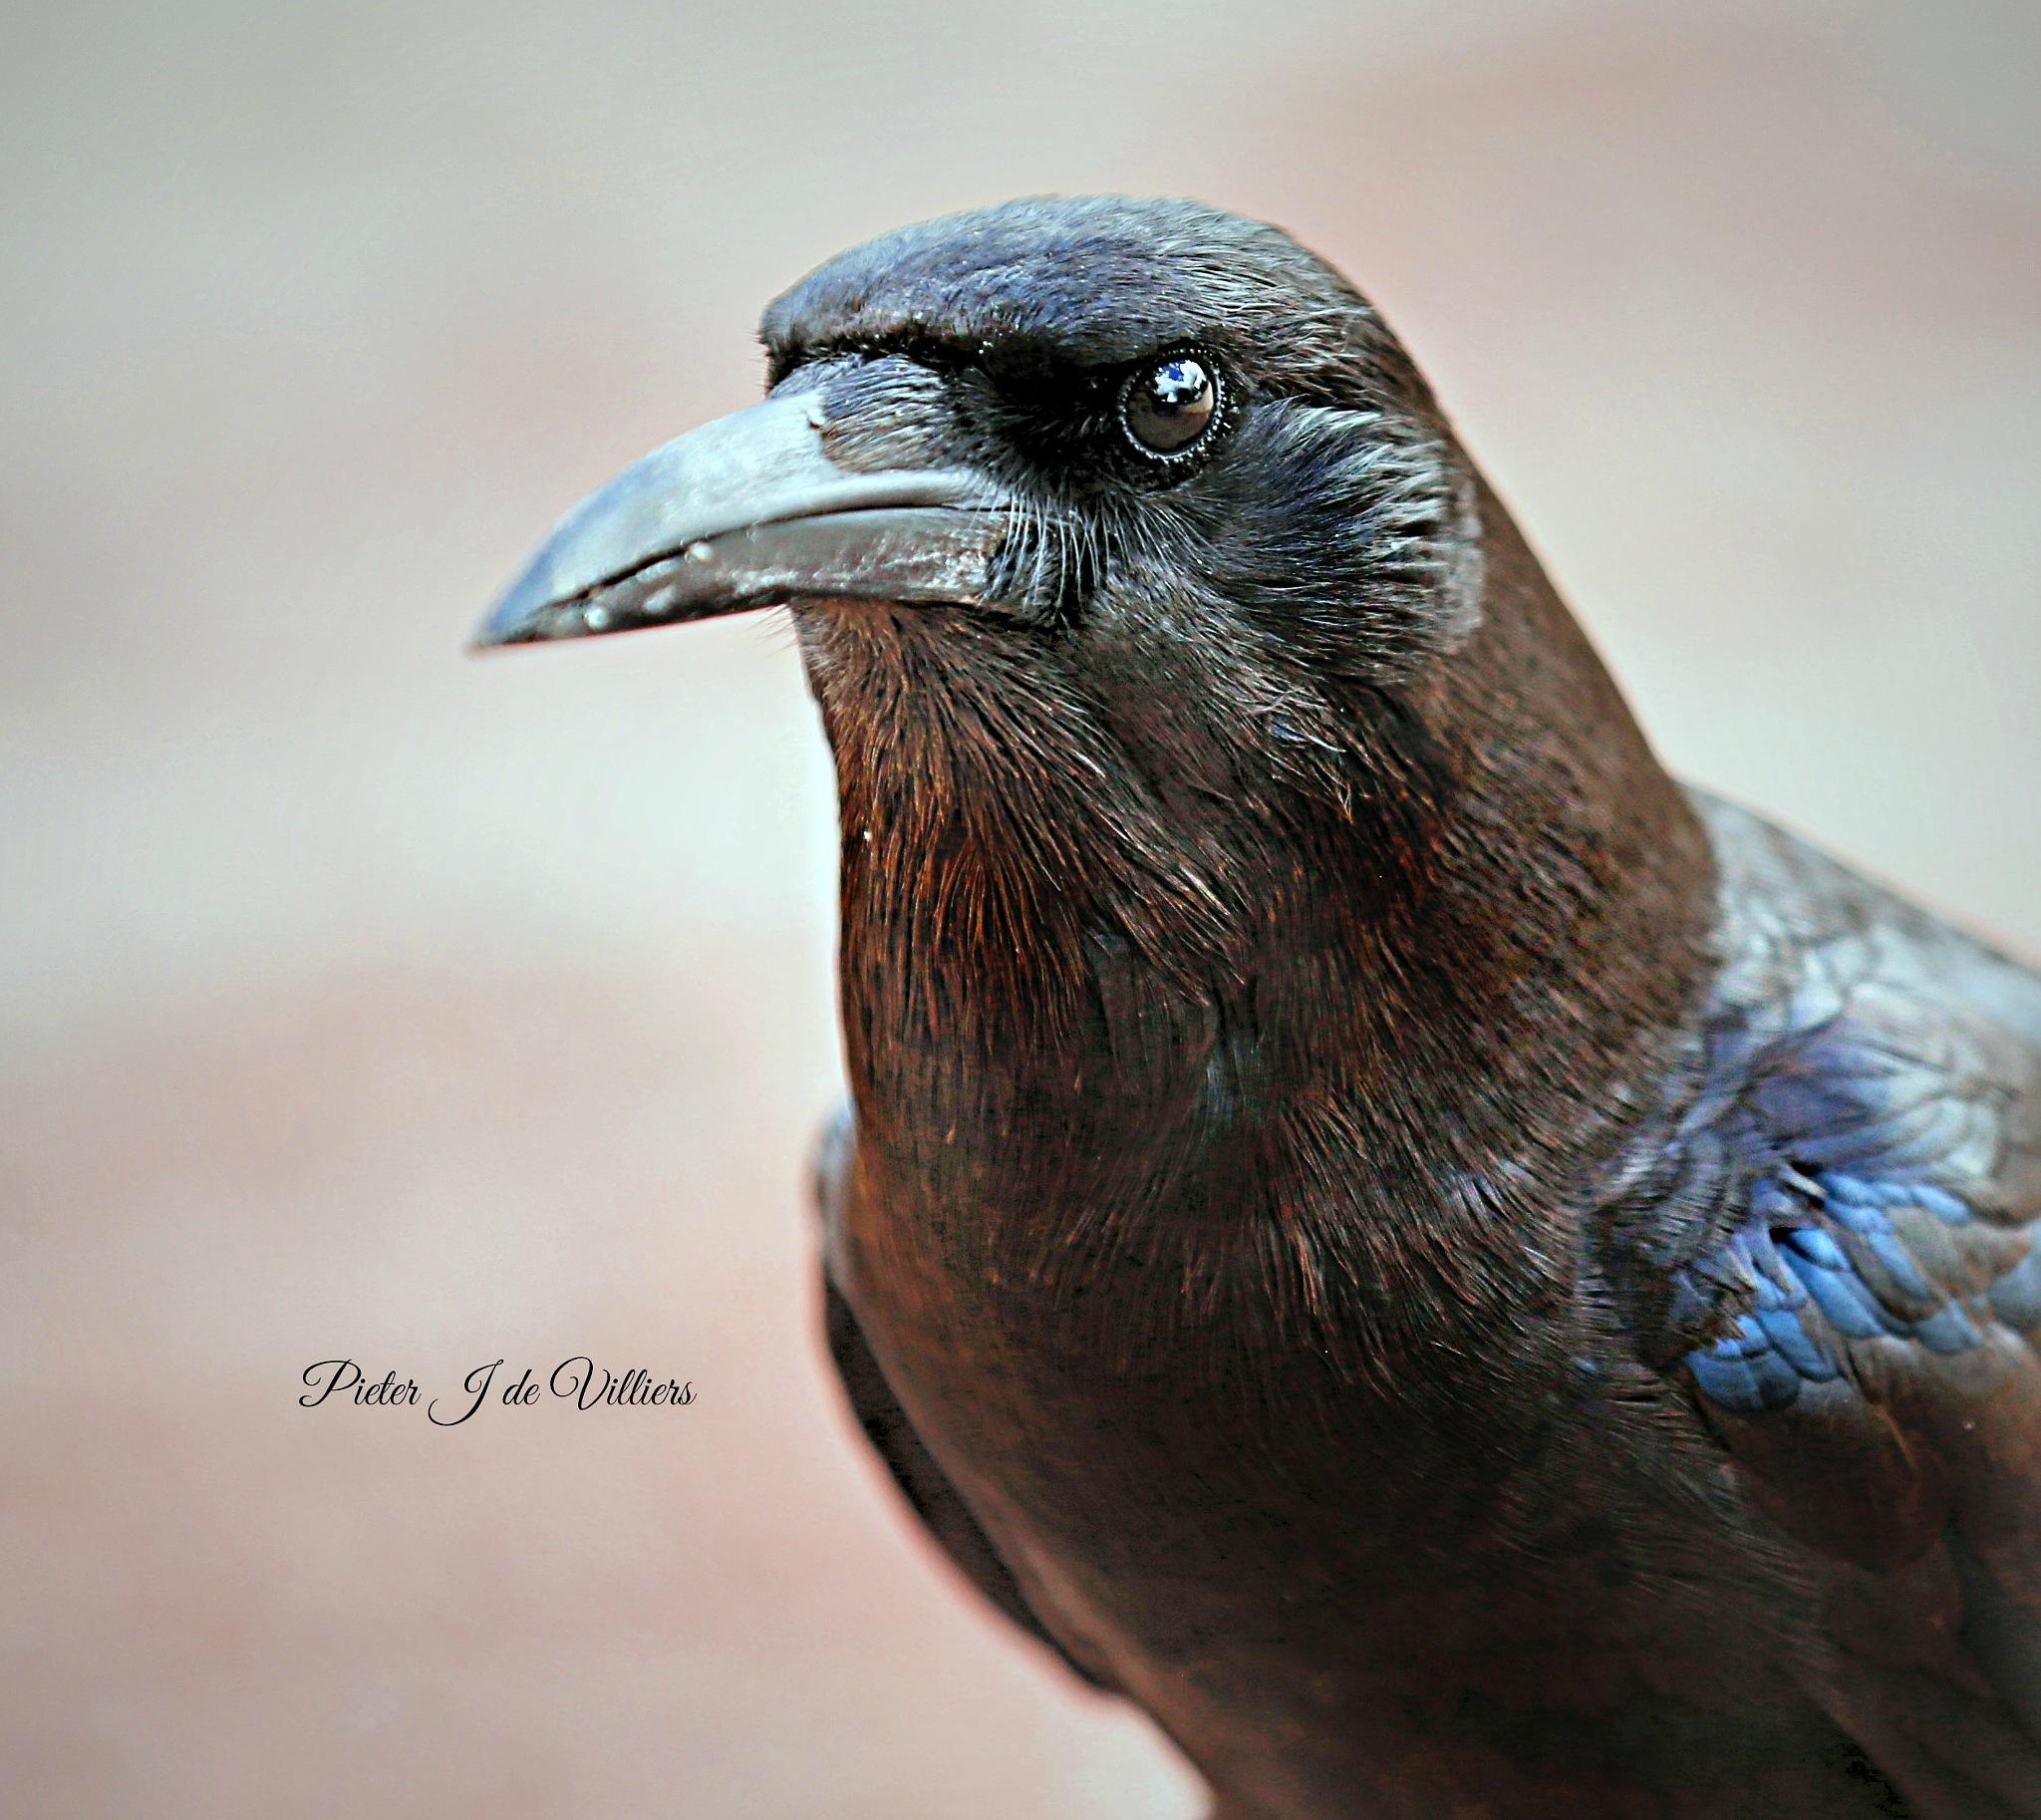 Crow Portrait by Pieter J de Villiers